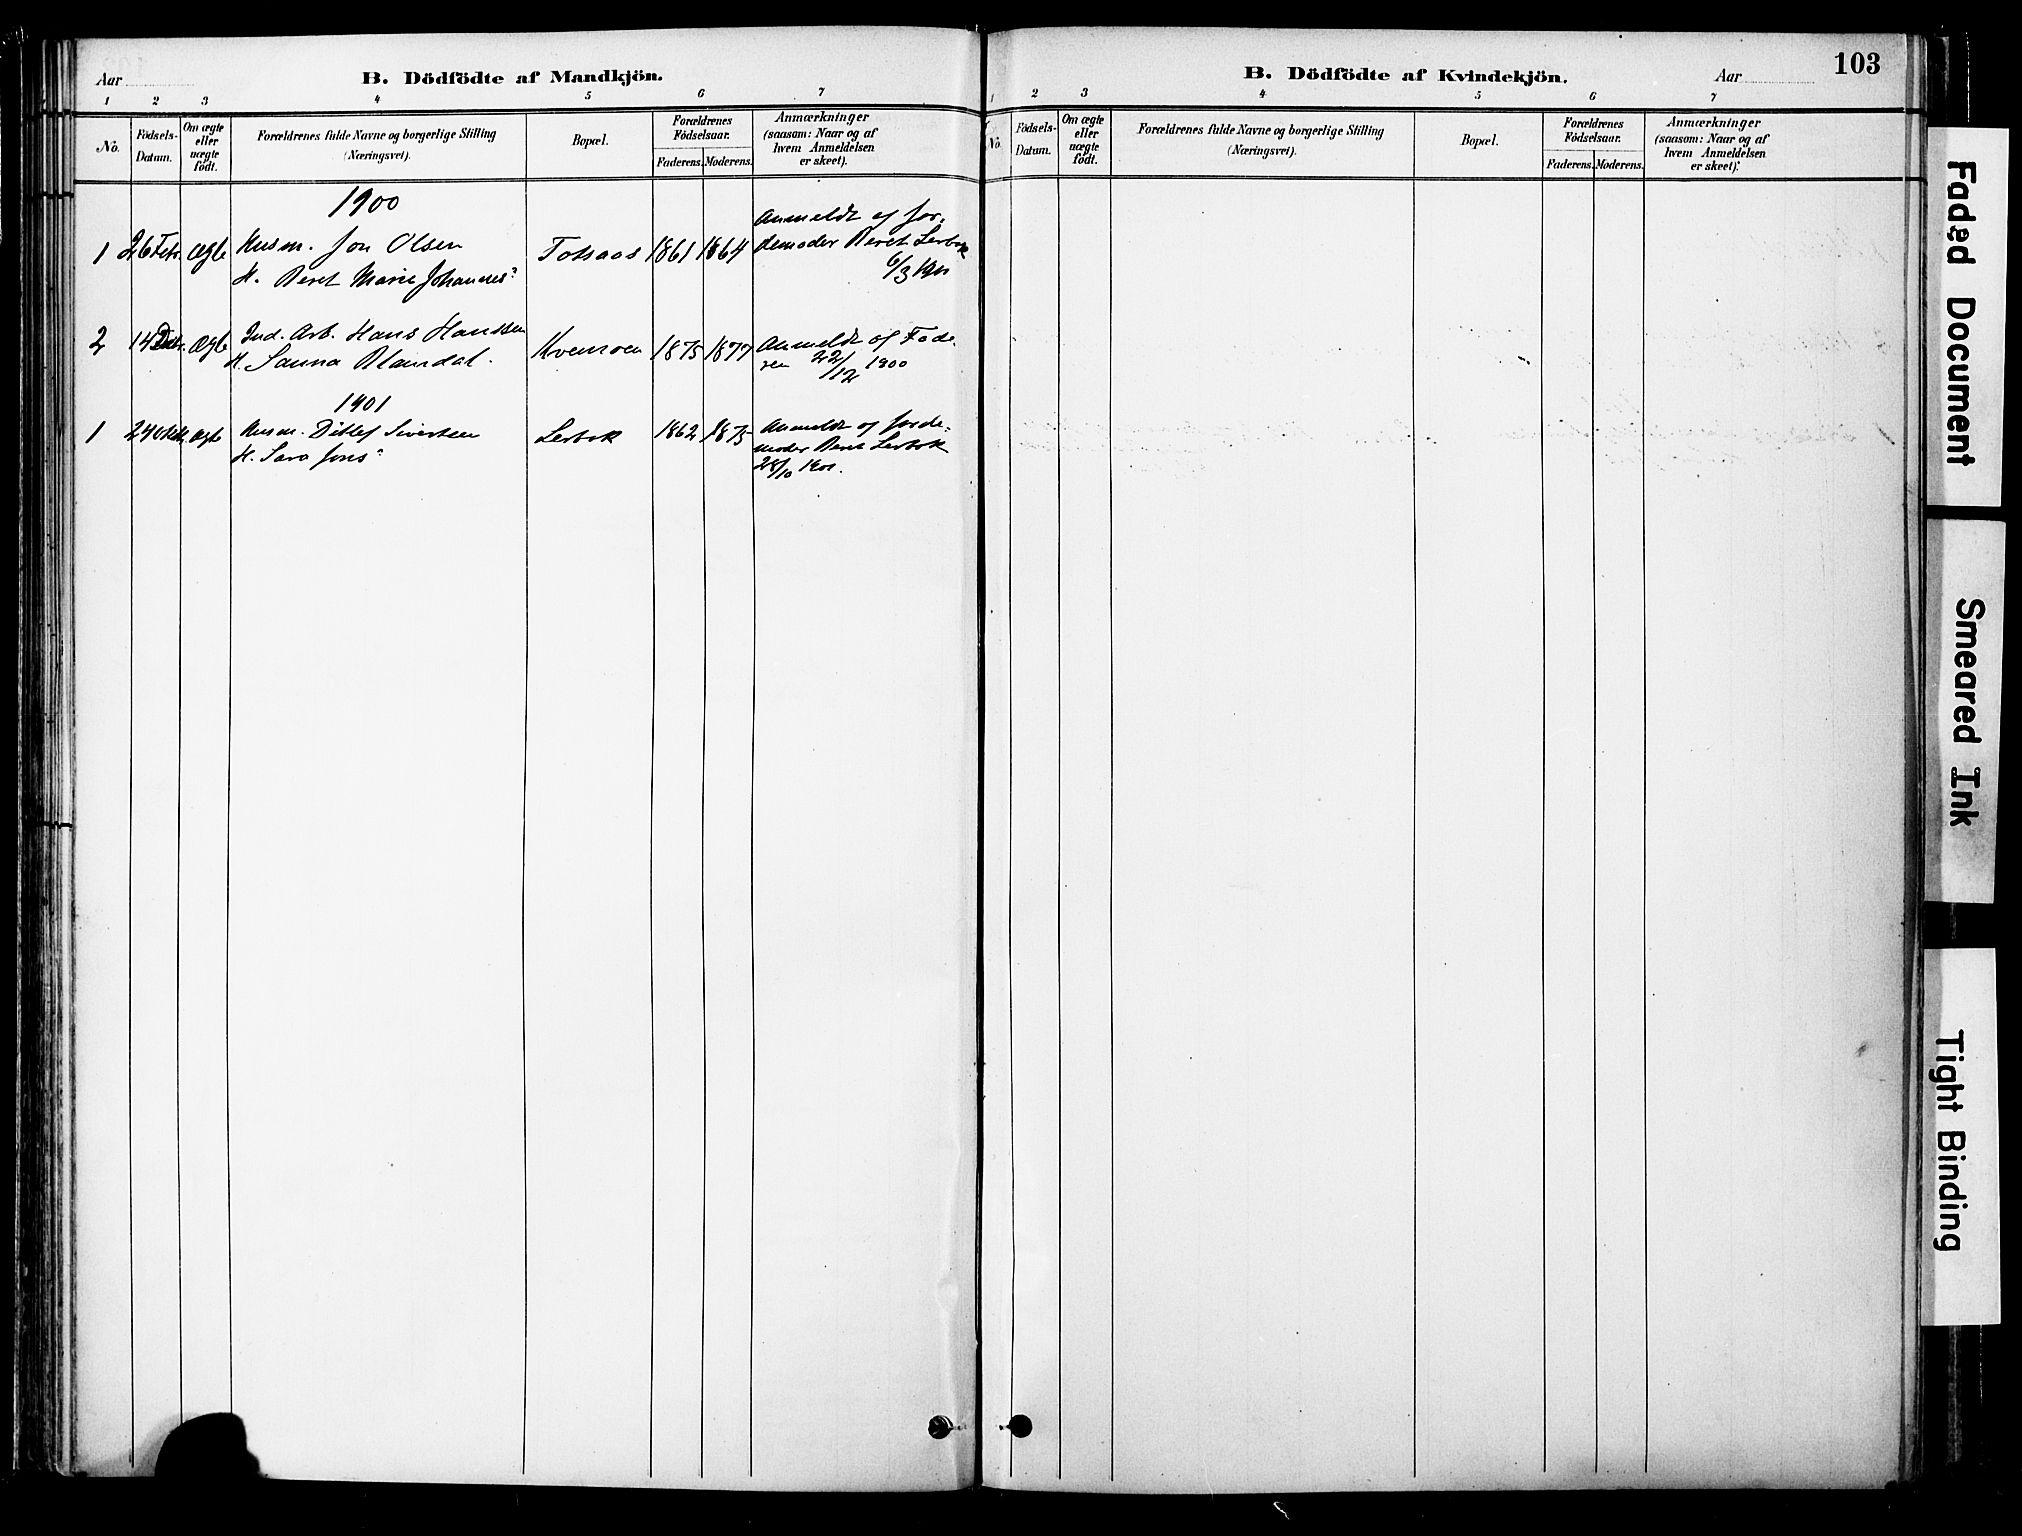 SAT, Ministerialprotokoller, klokkerbøker og fødselsregistre - Nord-Trøndelag, 755/L0494: Ministerialbok nr. 755A03, 1882-1902, s. 103